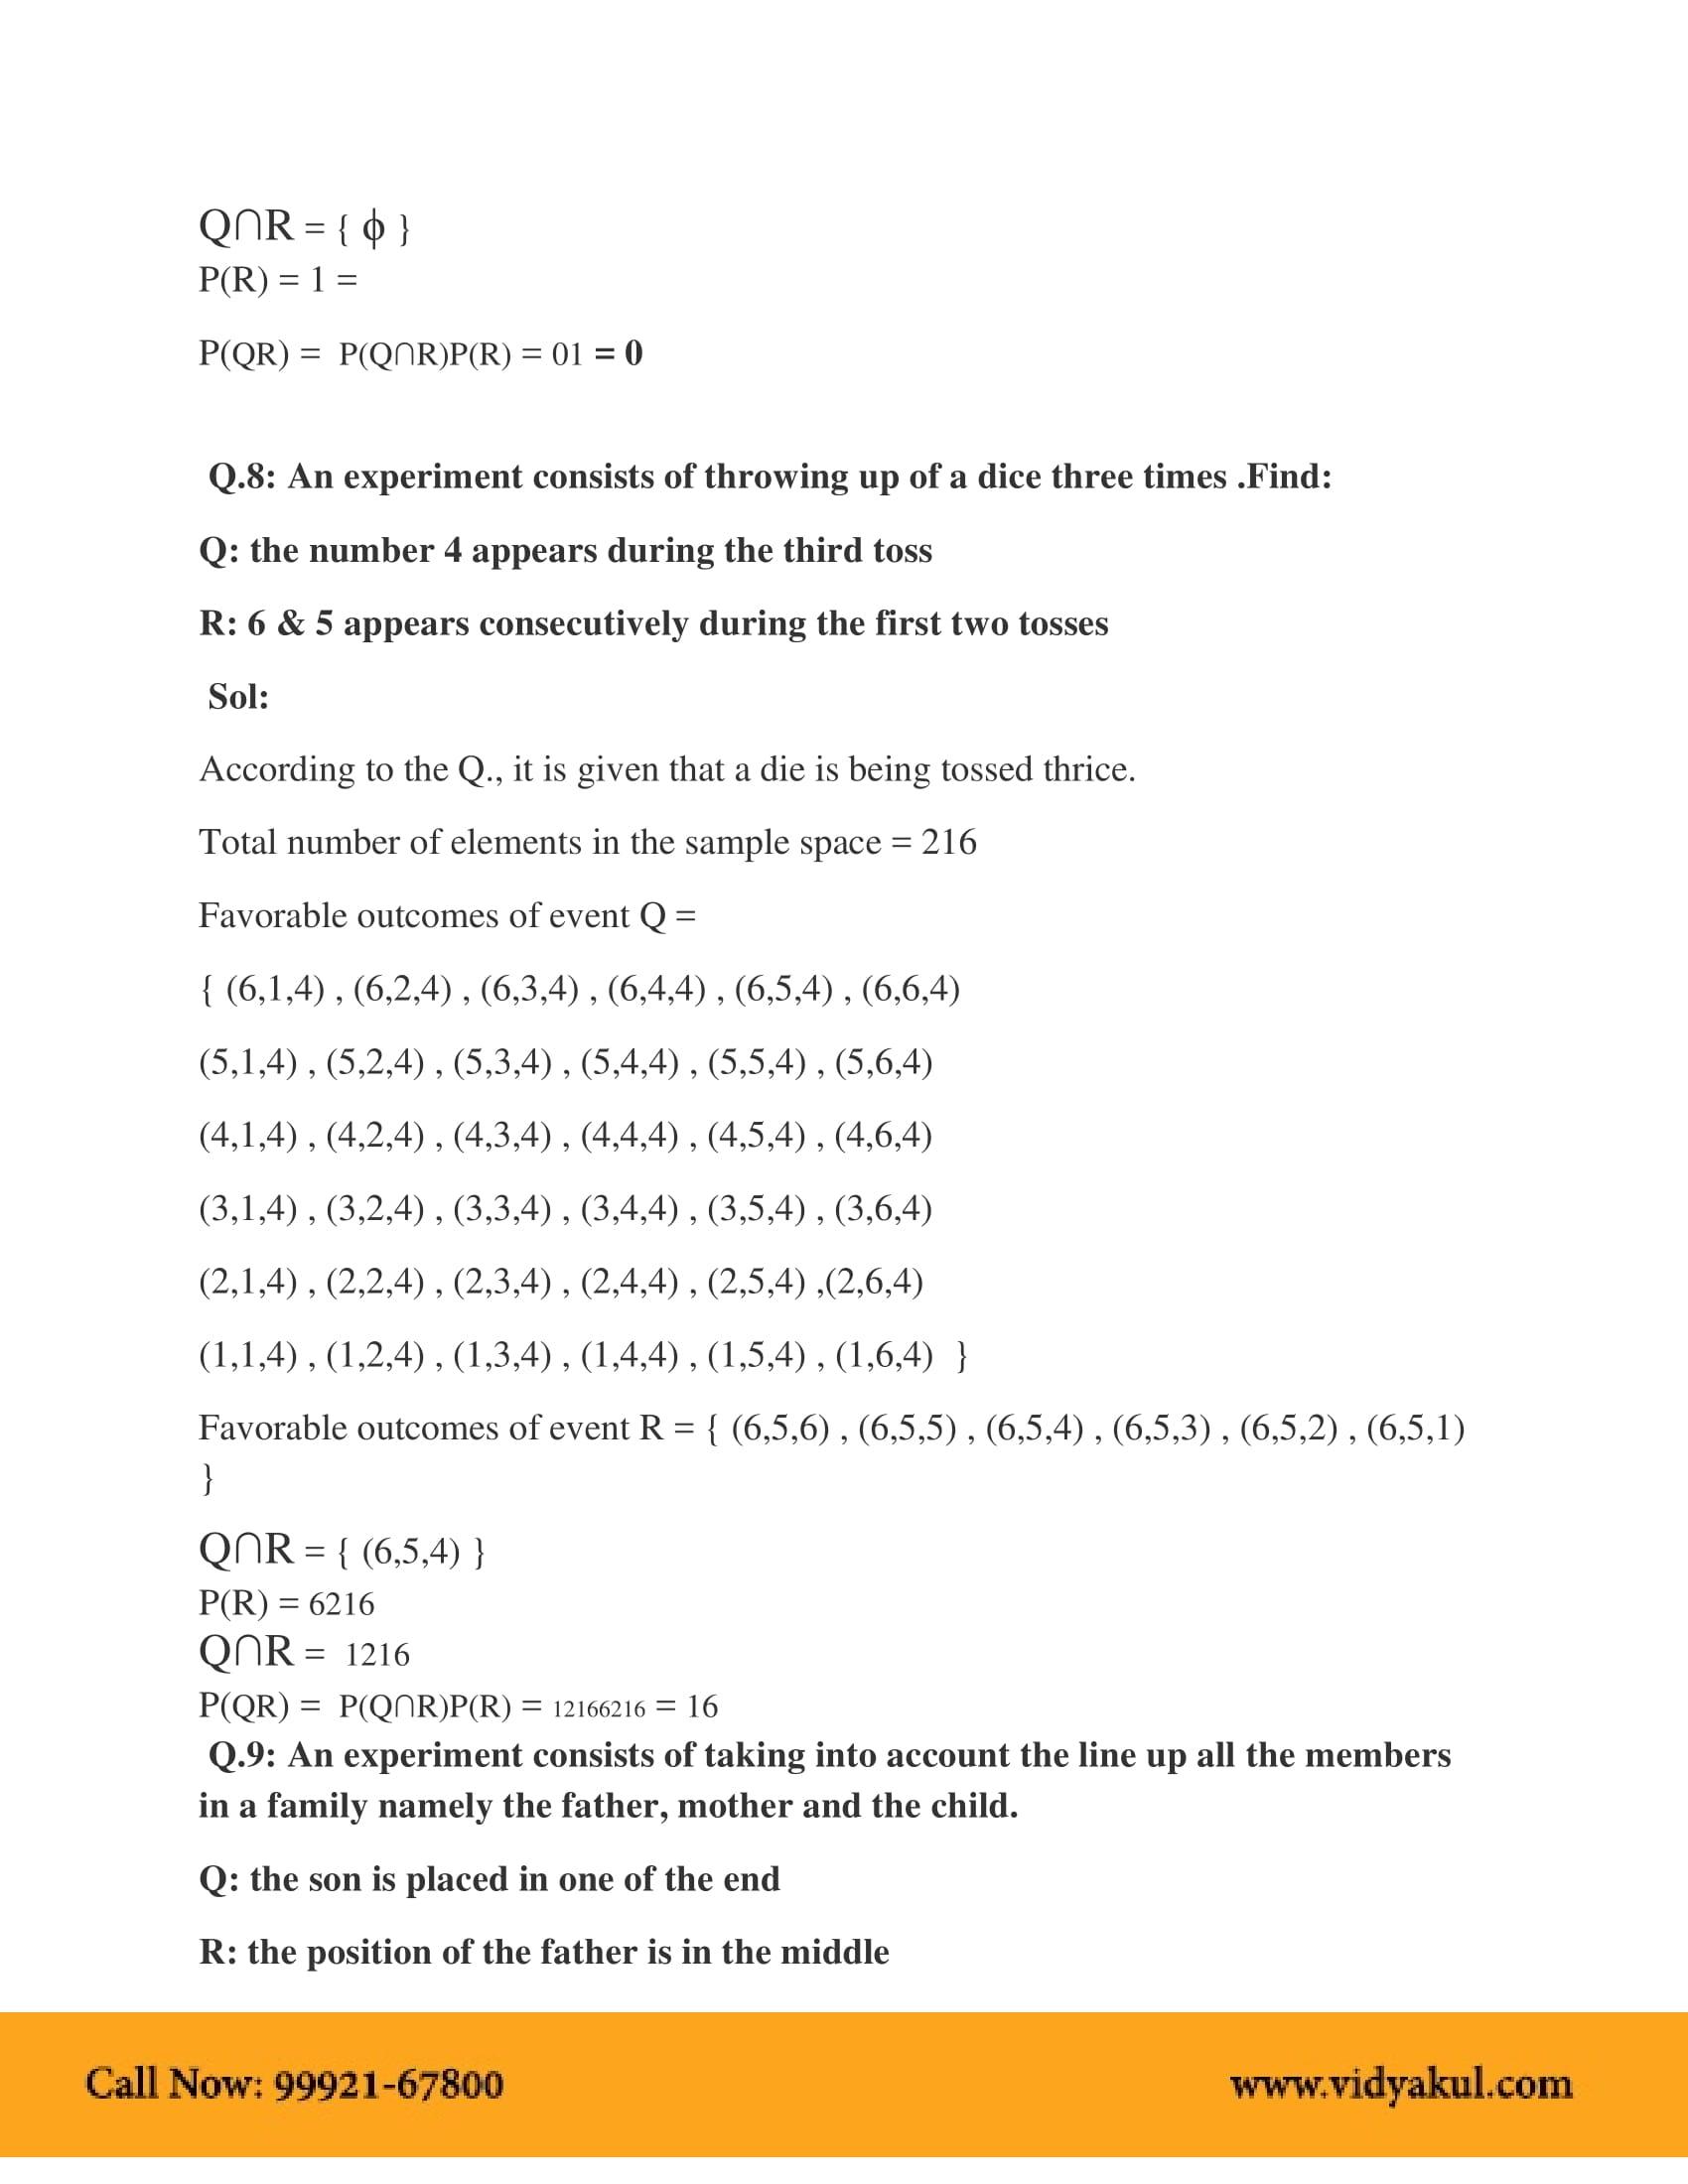 NCERT Solutions for Class 12 Maths Chapter 13 | Vidyakul